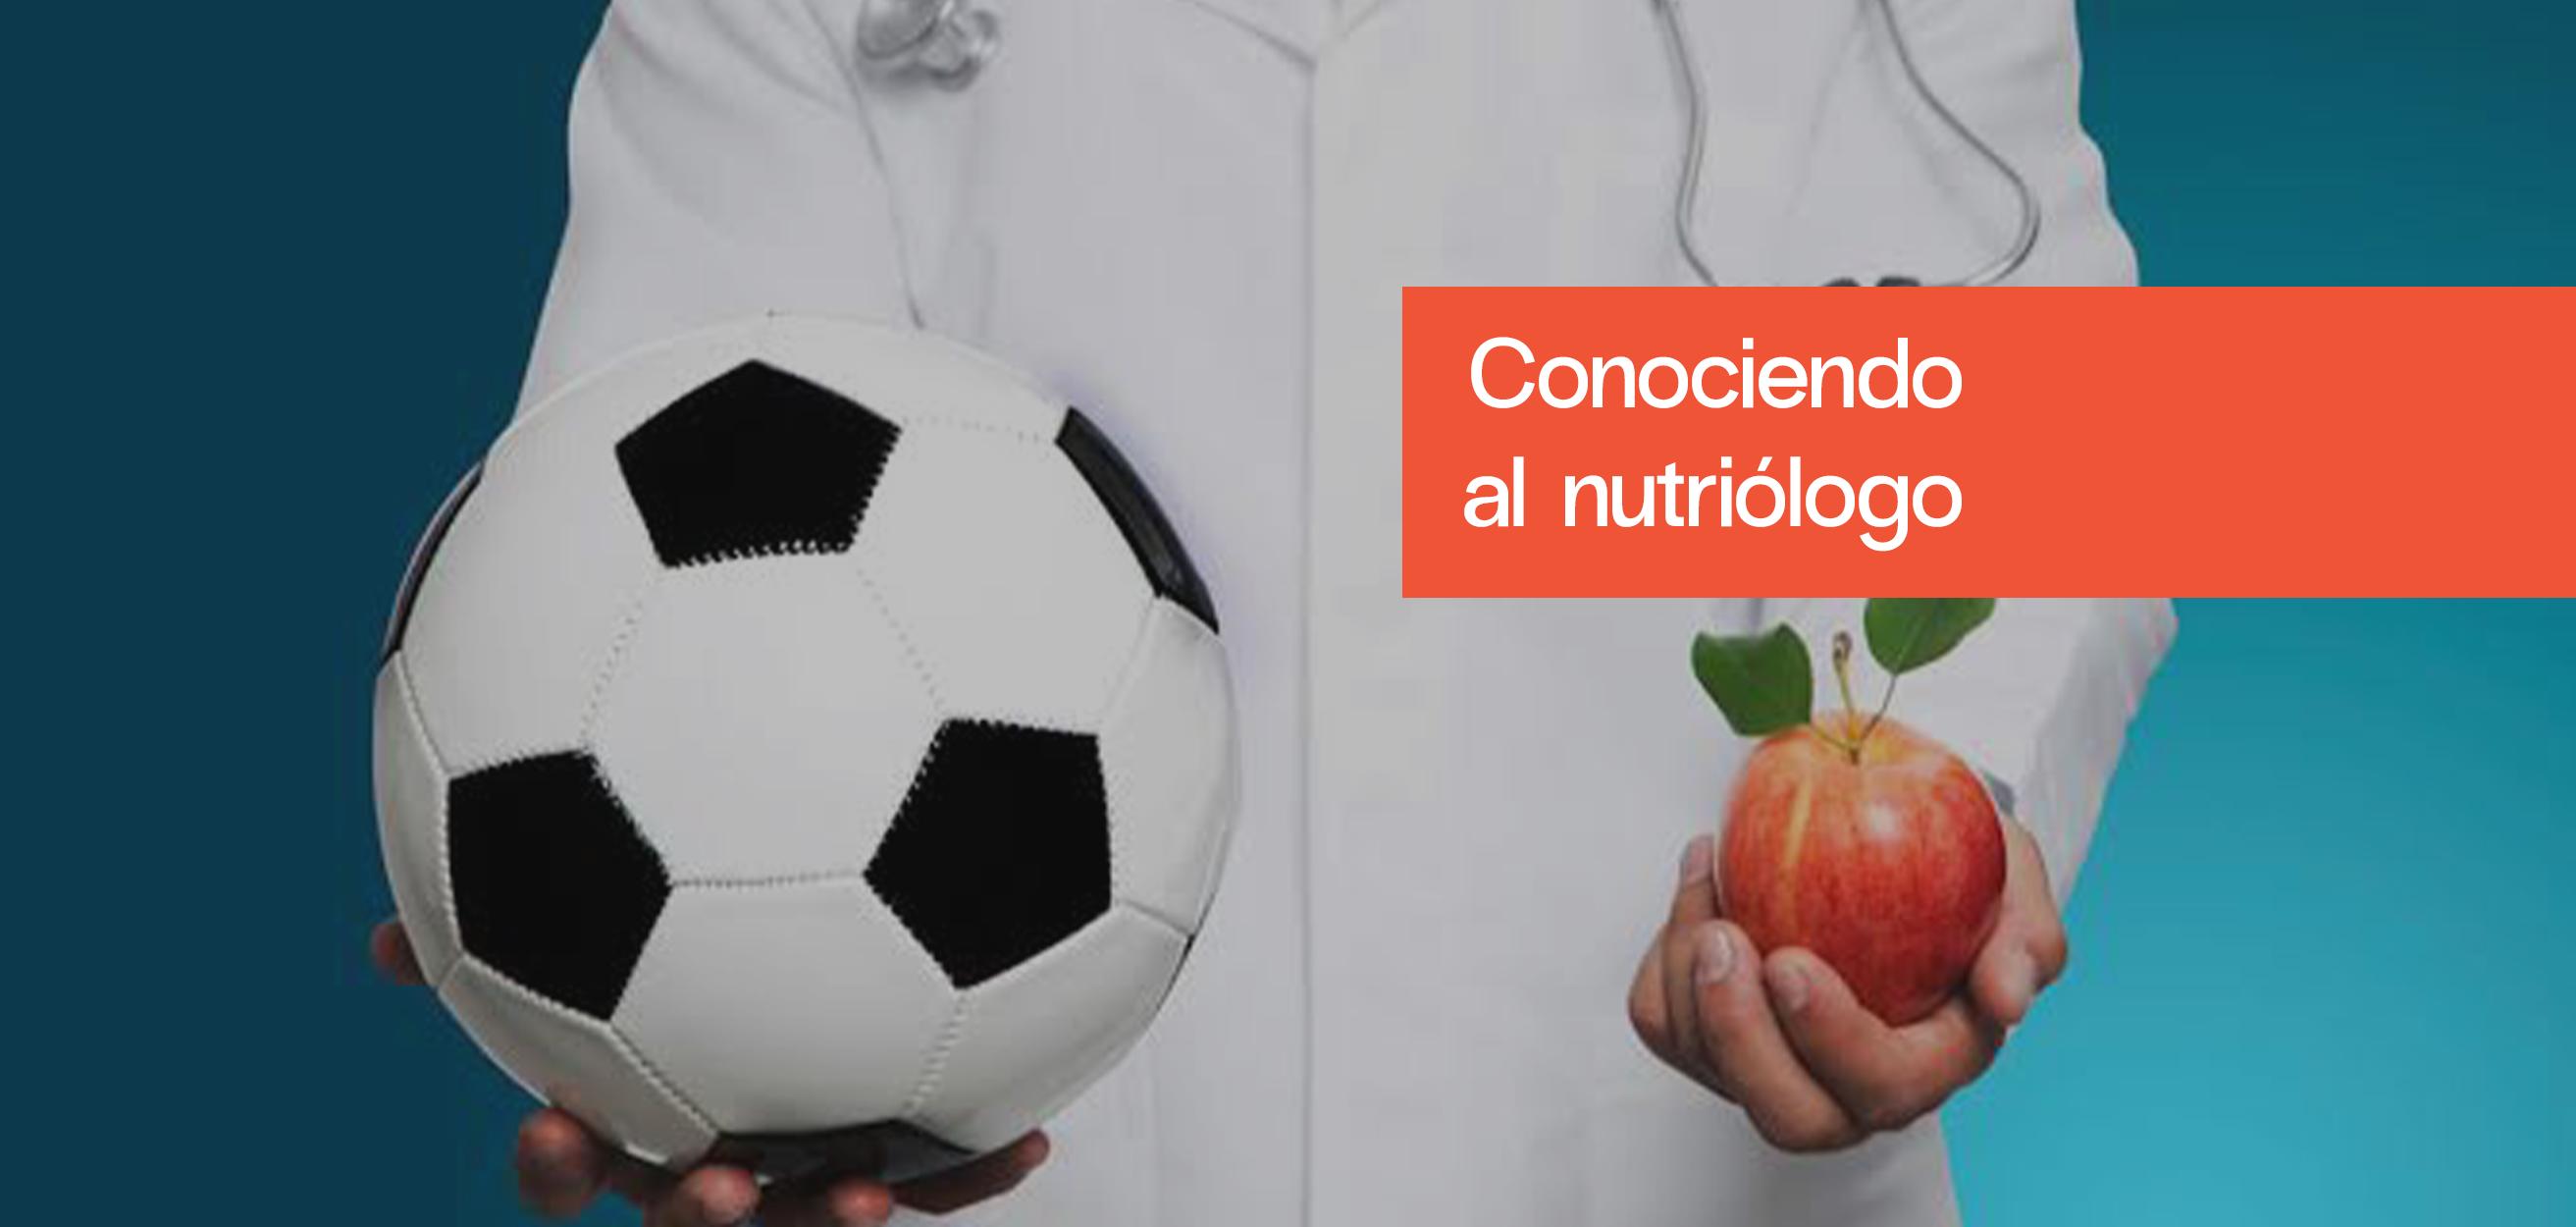 El nutriólogo y la nutrición deportiva